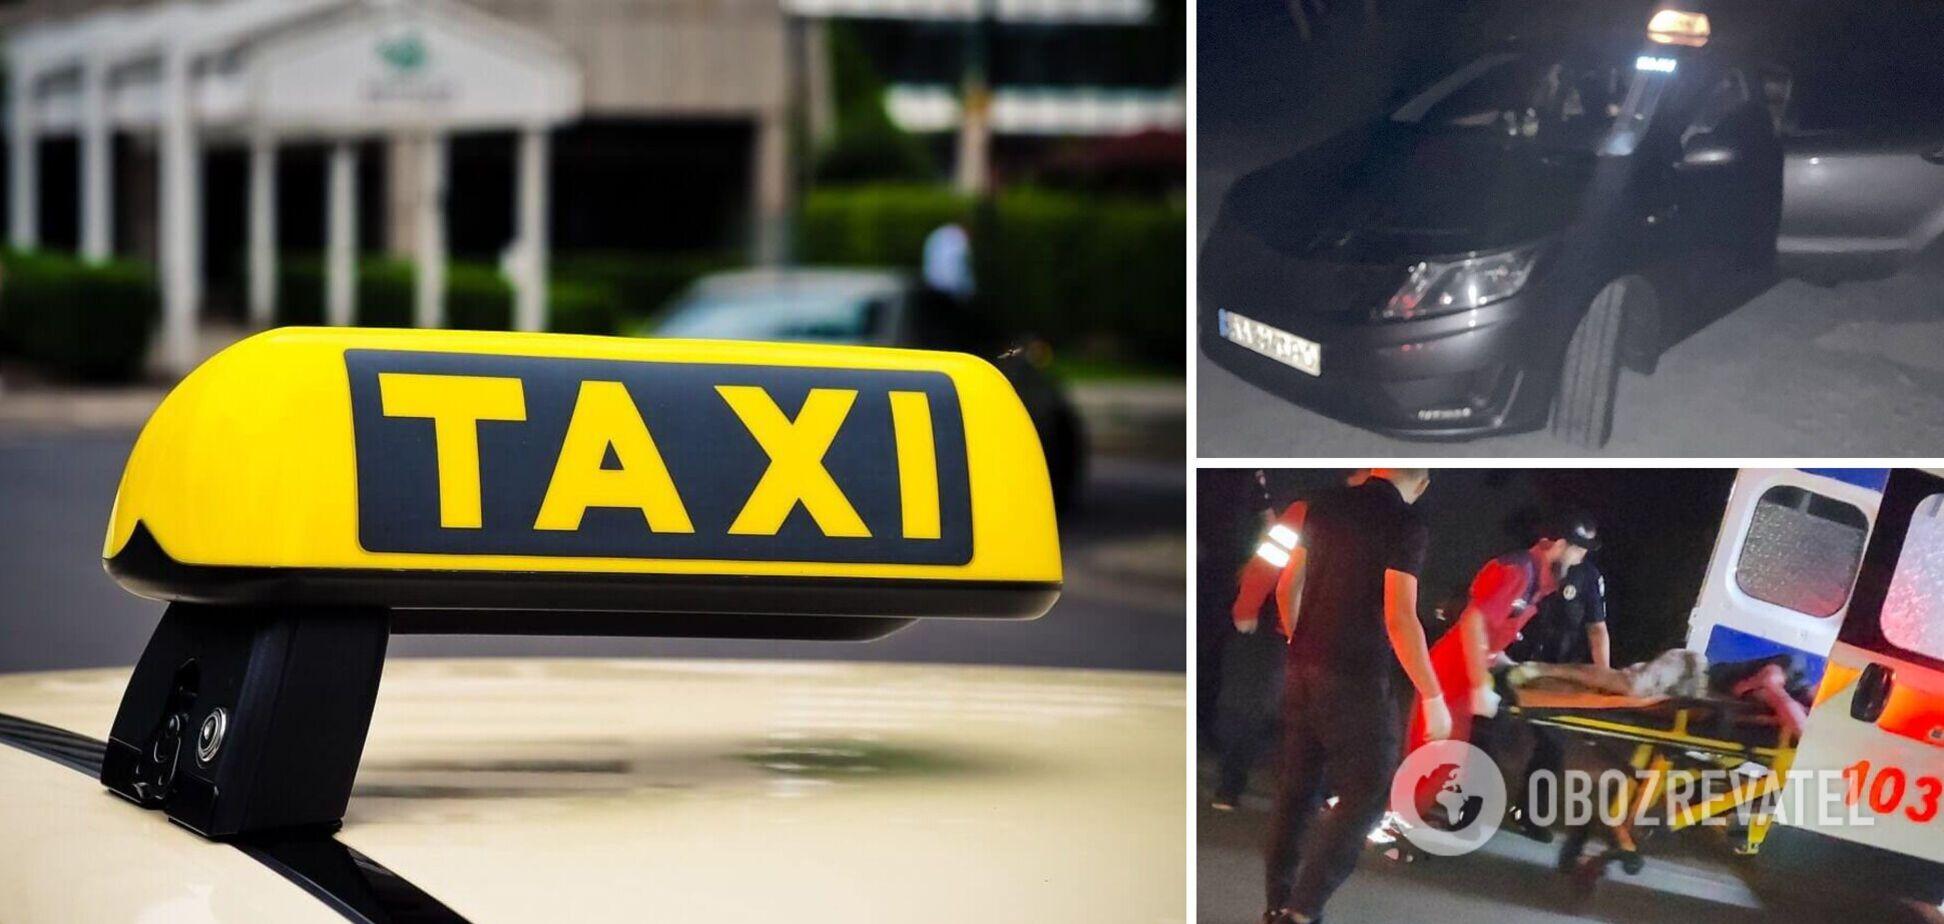 На Київщині пасажир побив та порізав ножем таксиста: він відмовився скоротити дорогу. Фото та відео